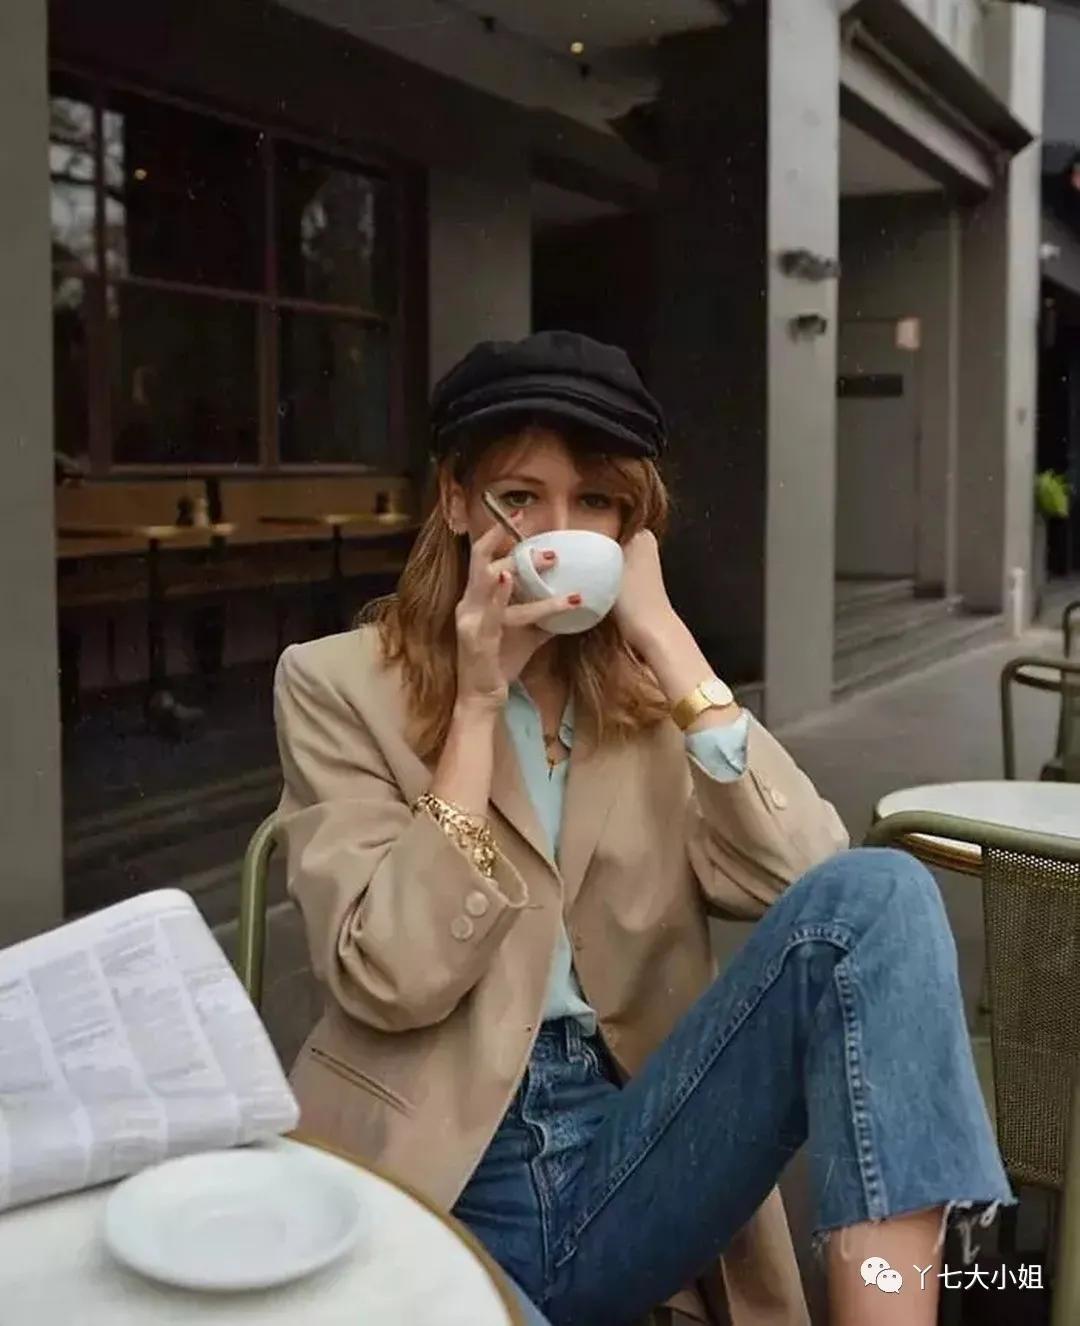 5 món trang phục màu trà sữa biến style thành siêu cấp sang trọng chỉ trong nháy mắt - Ảnh 14.